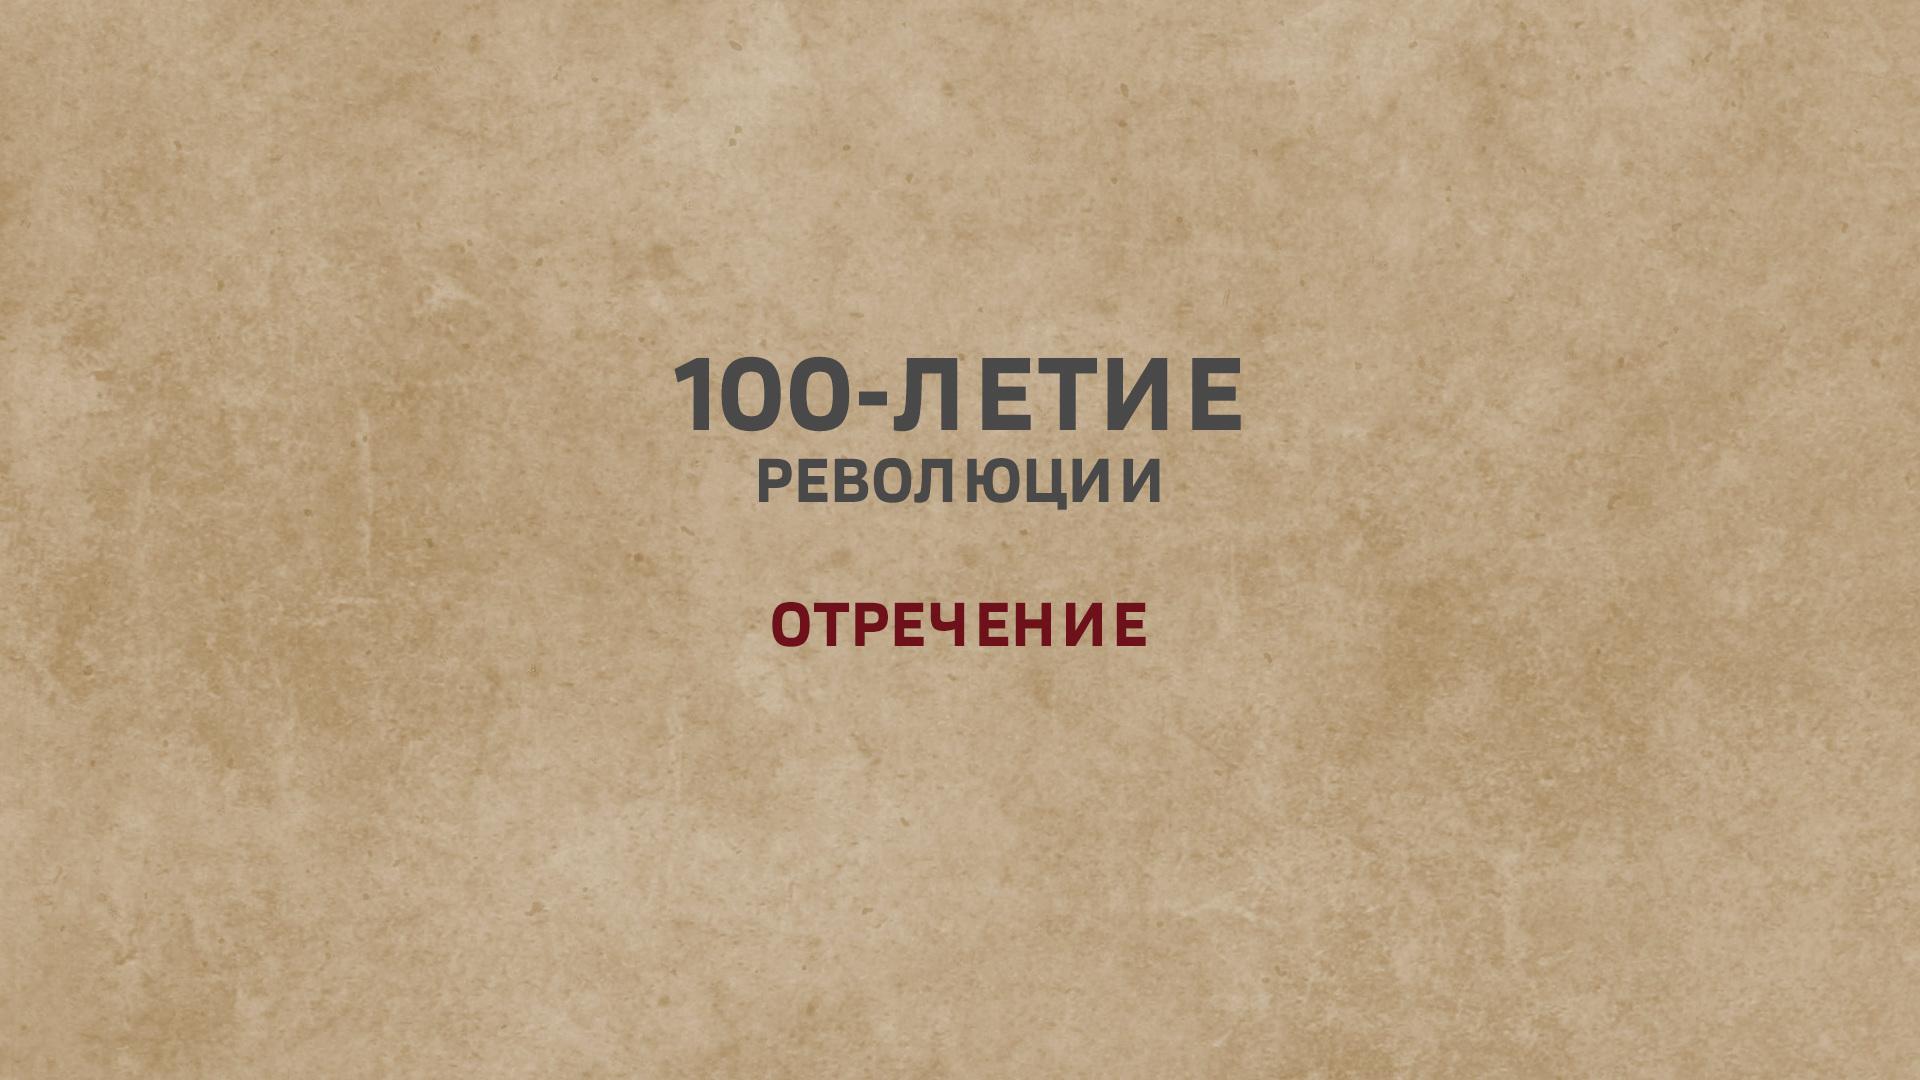 100-летие революции. Отречение